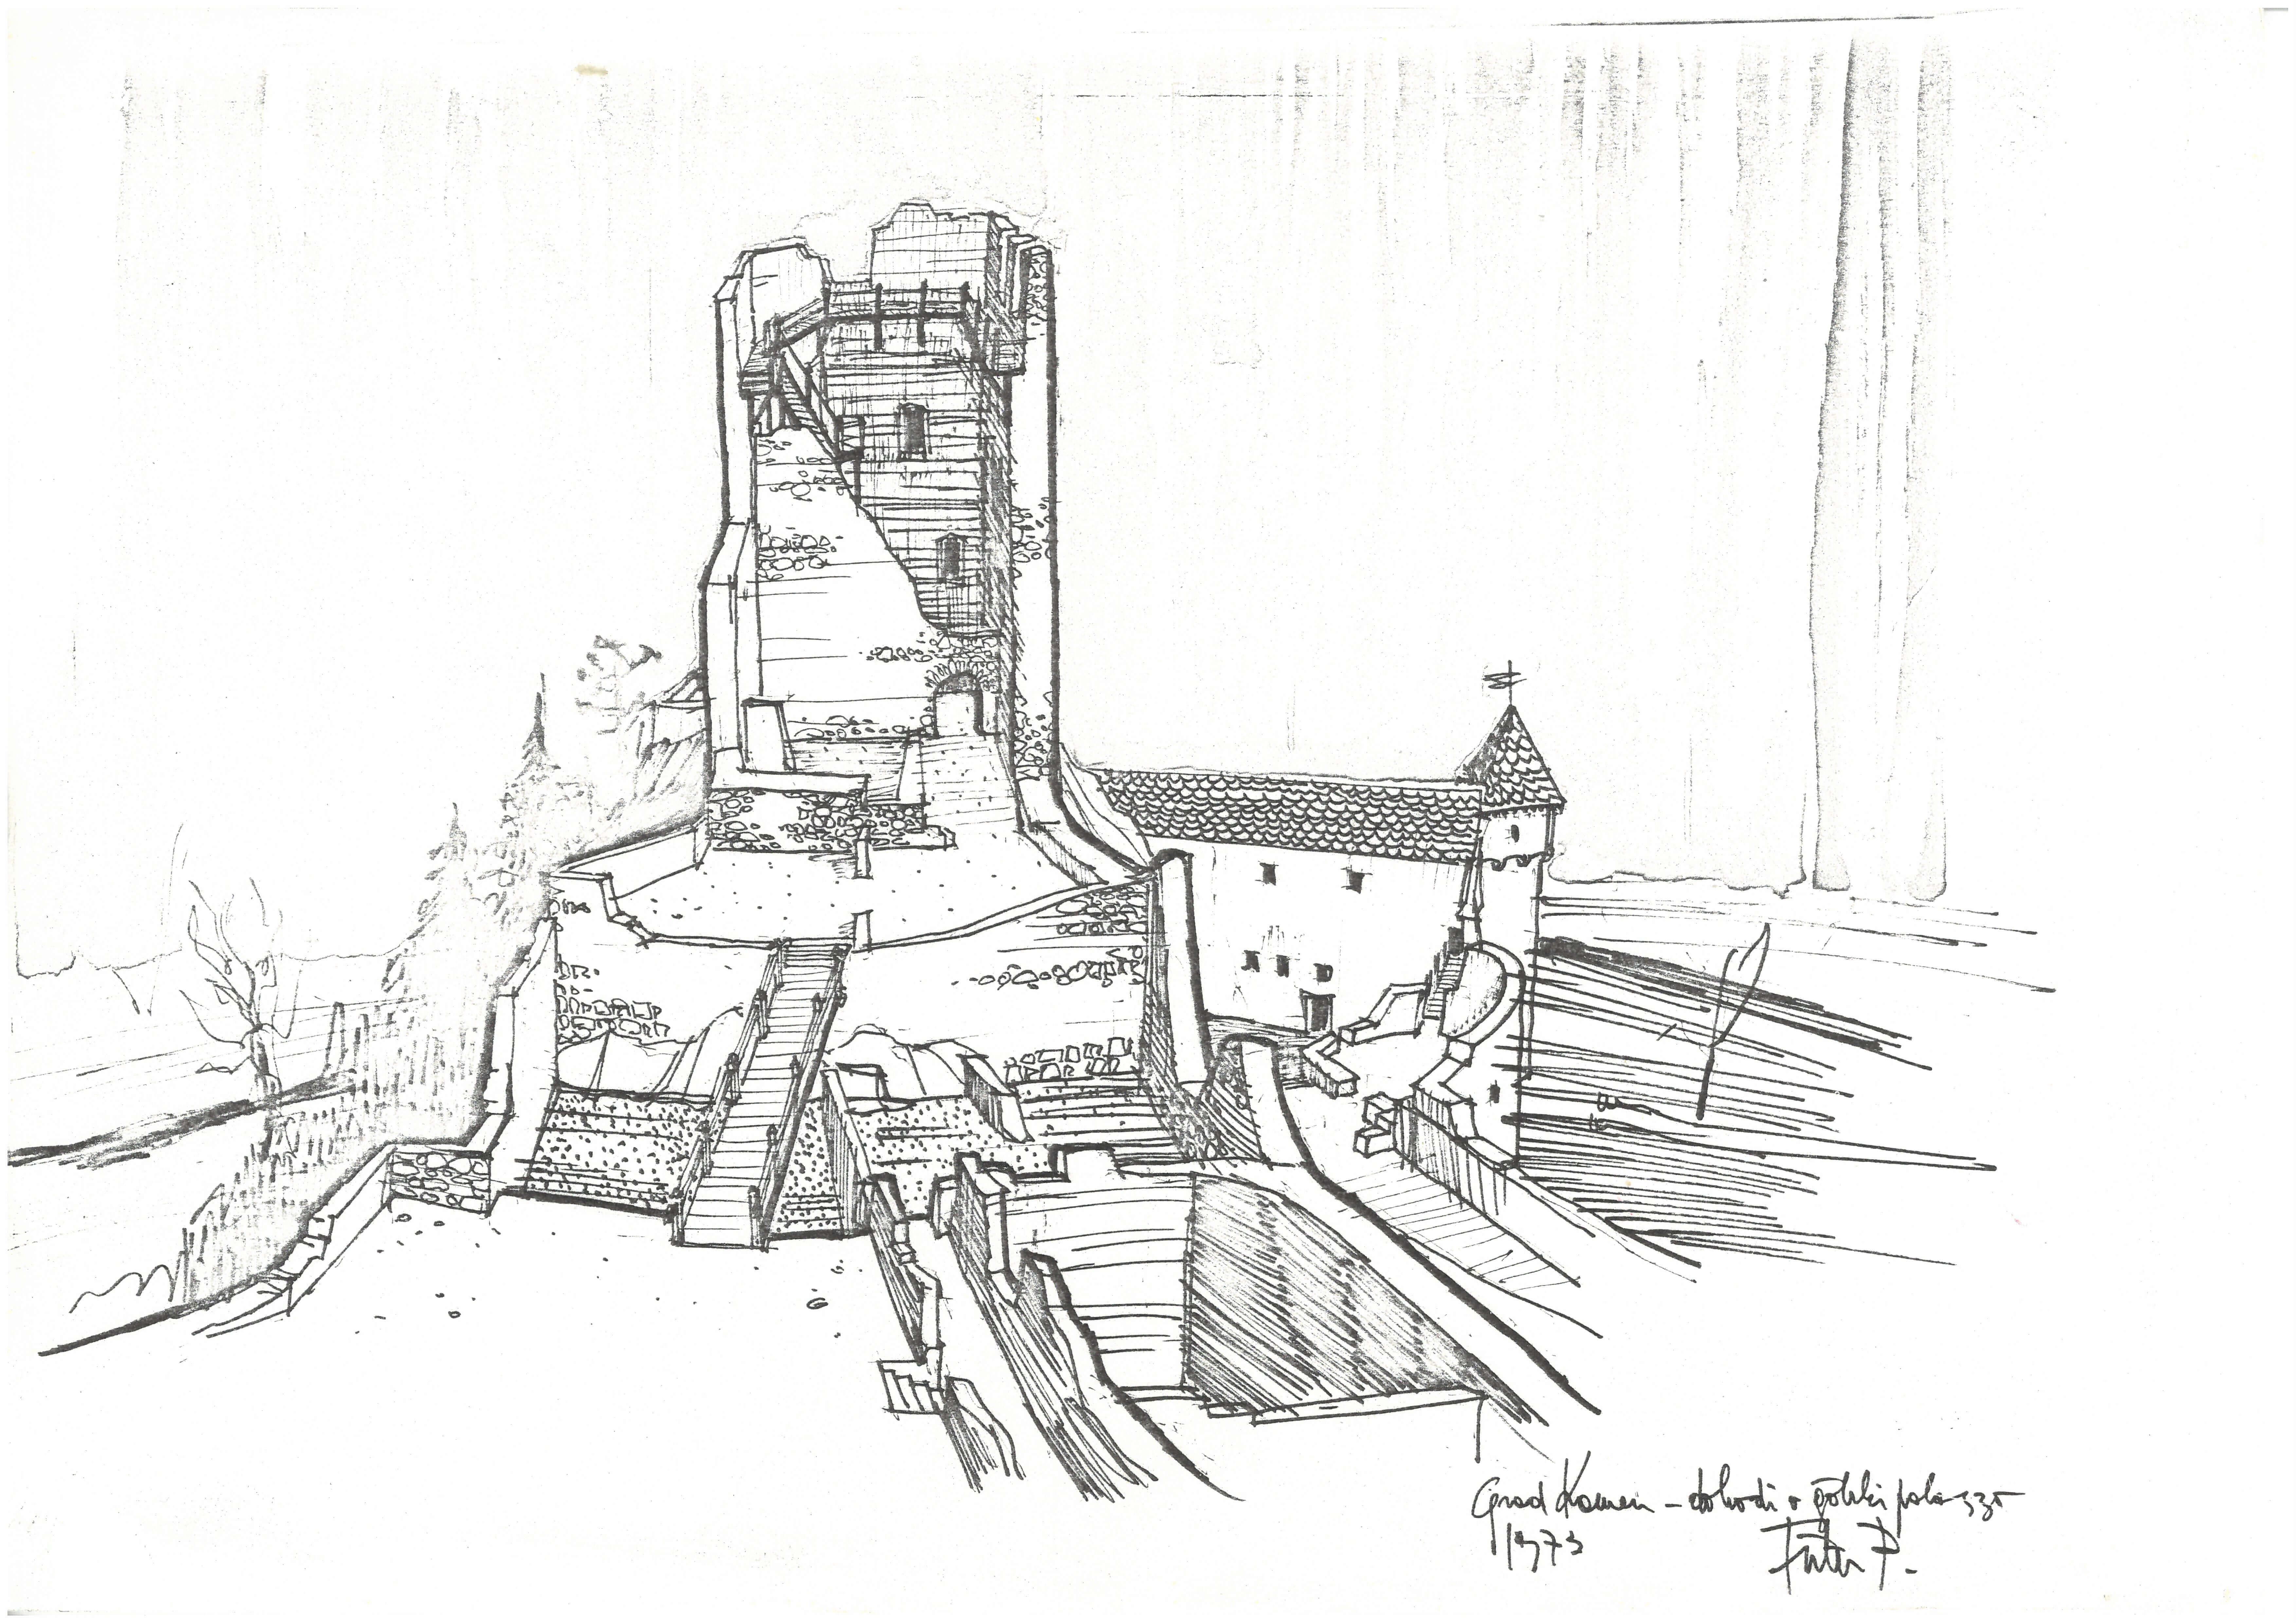 Peter Fister, grad Kamen v Begunjah na Gorenjskem, risba dohodov v palacij, 1973